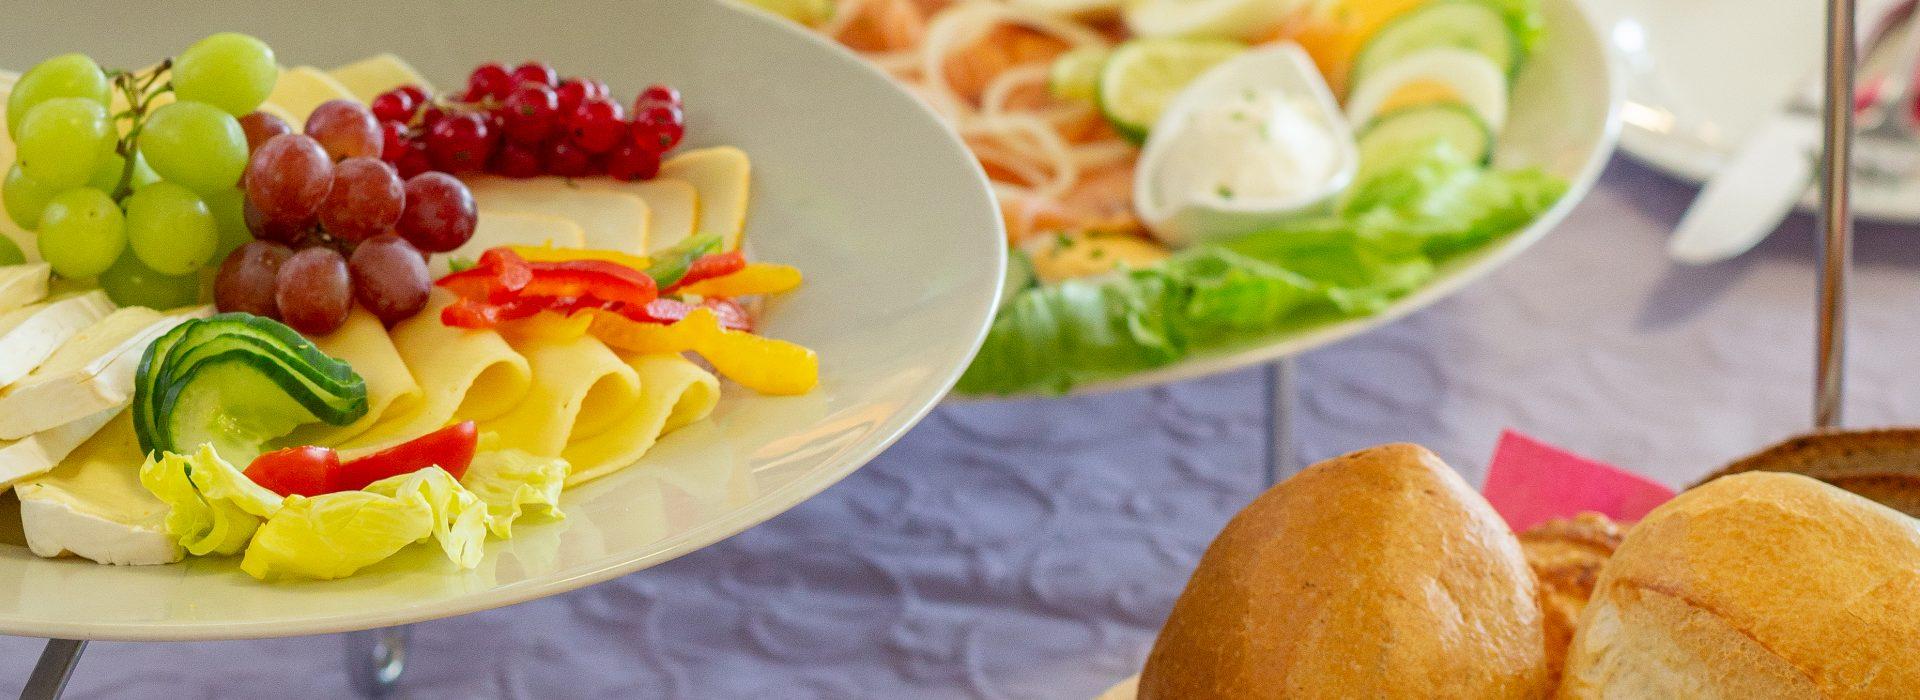 Frühstücksvariation 2